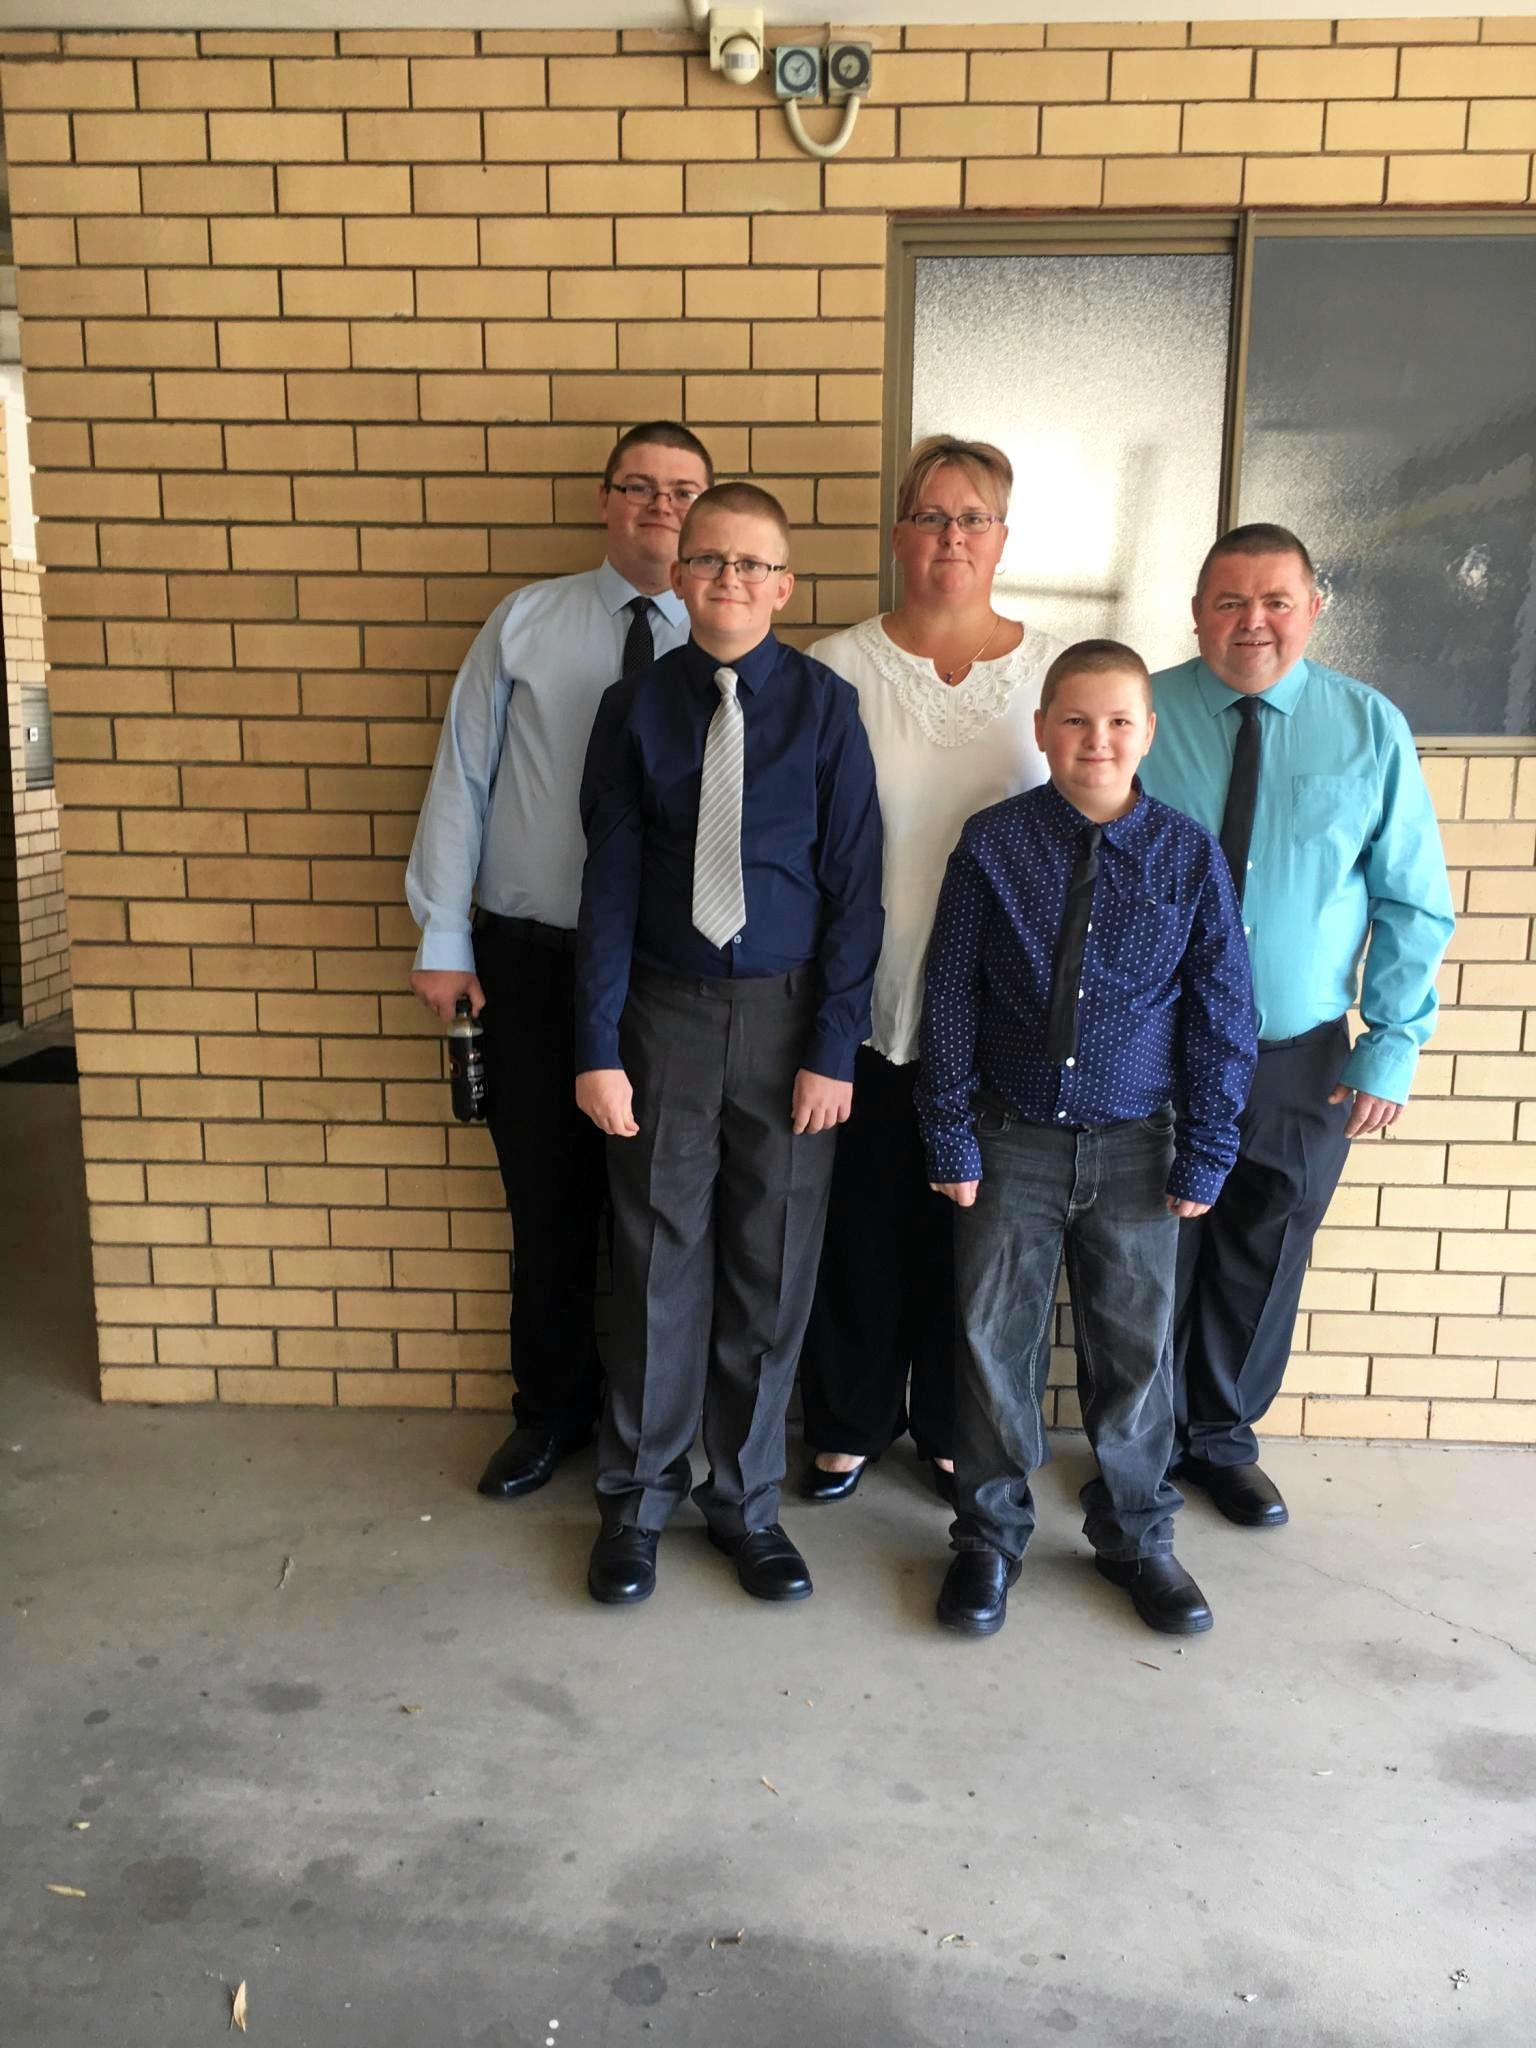 The Harvey Family.